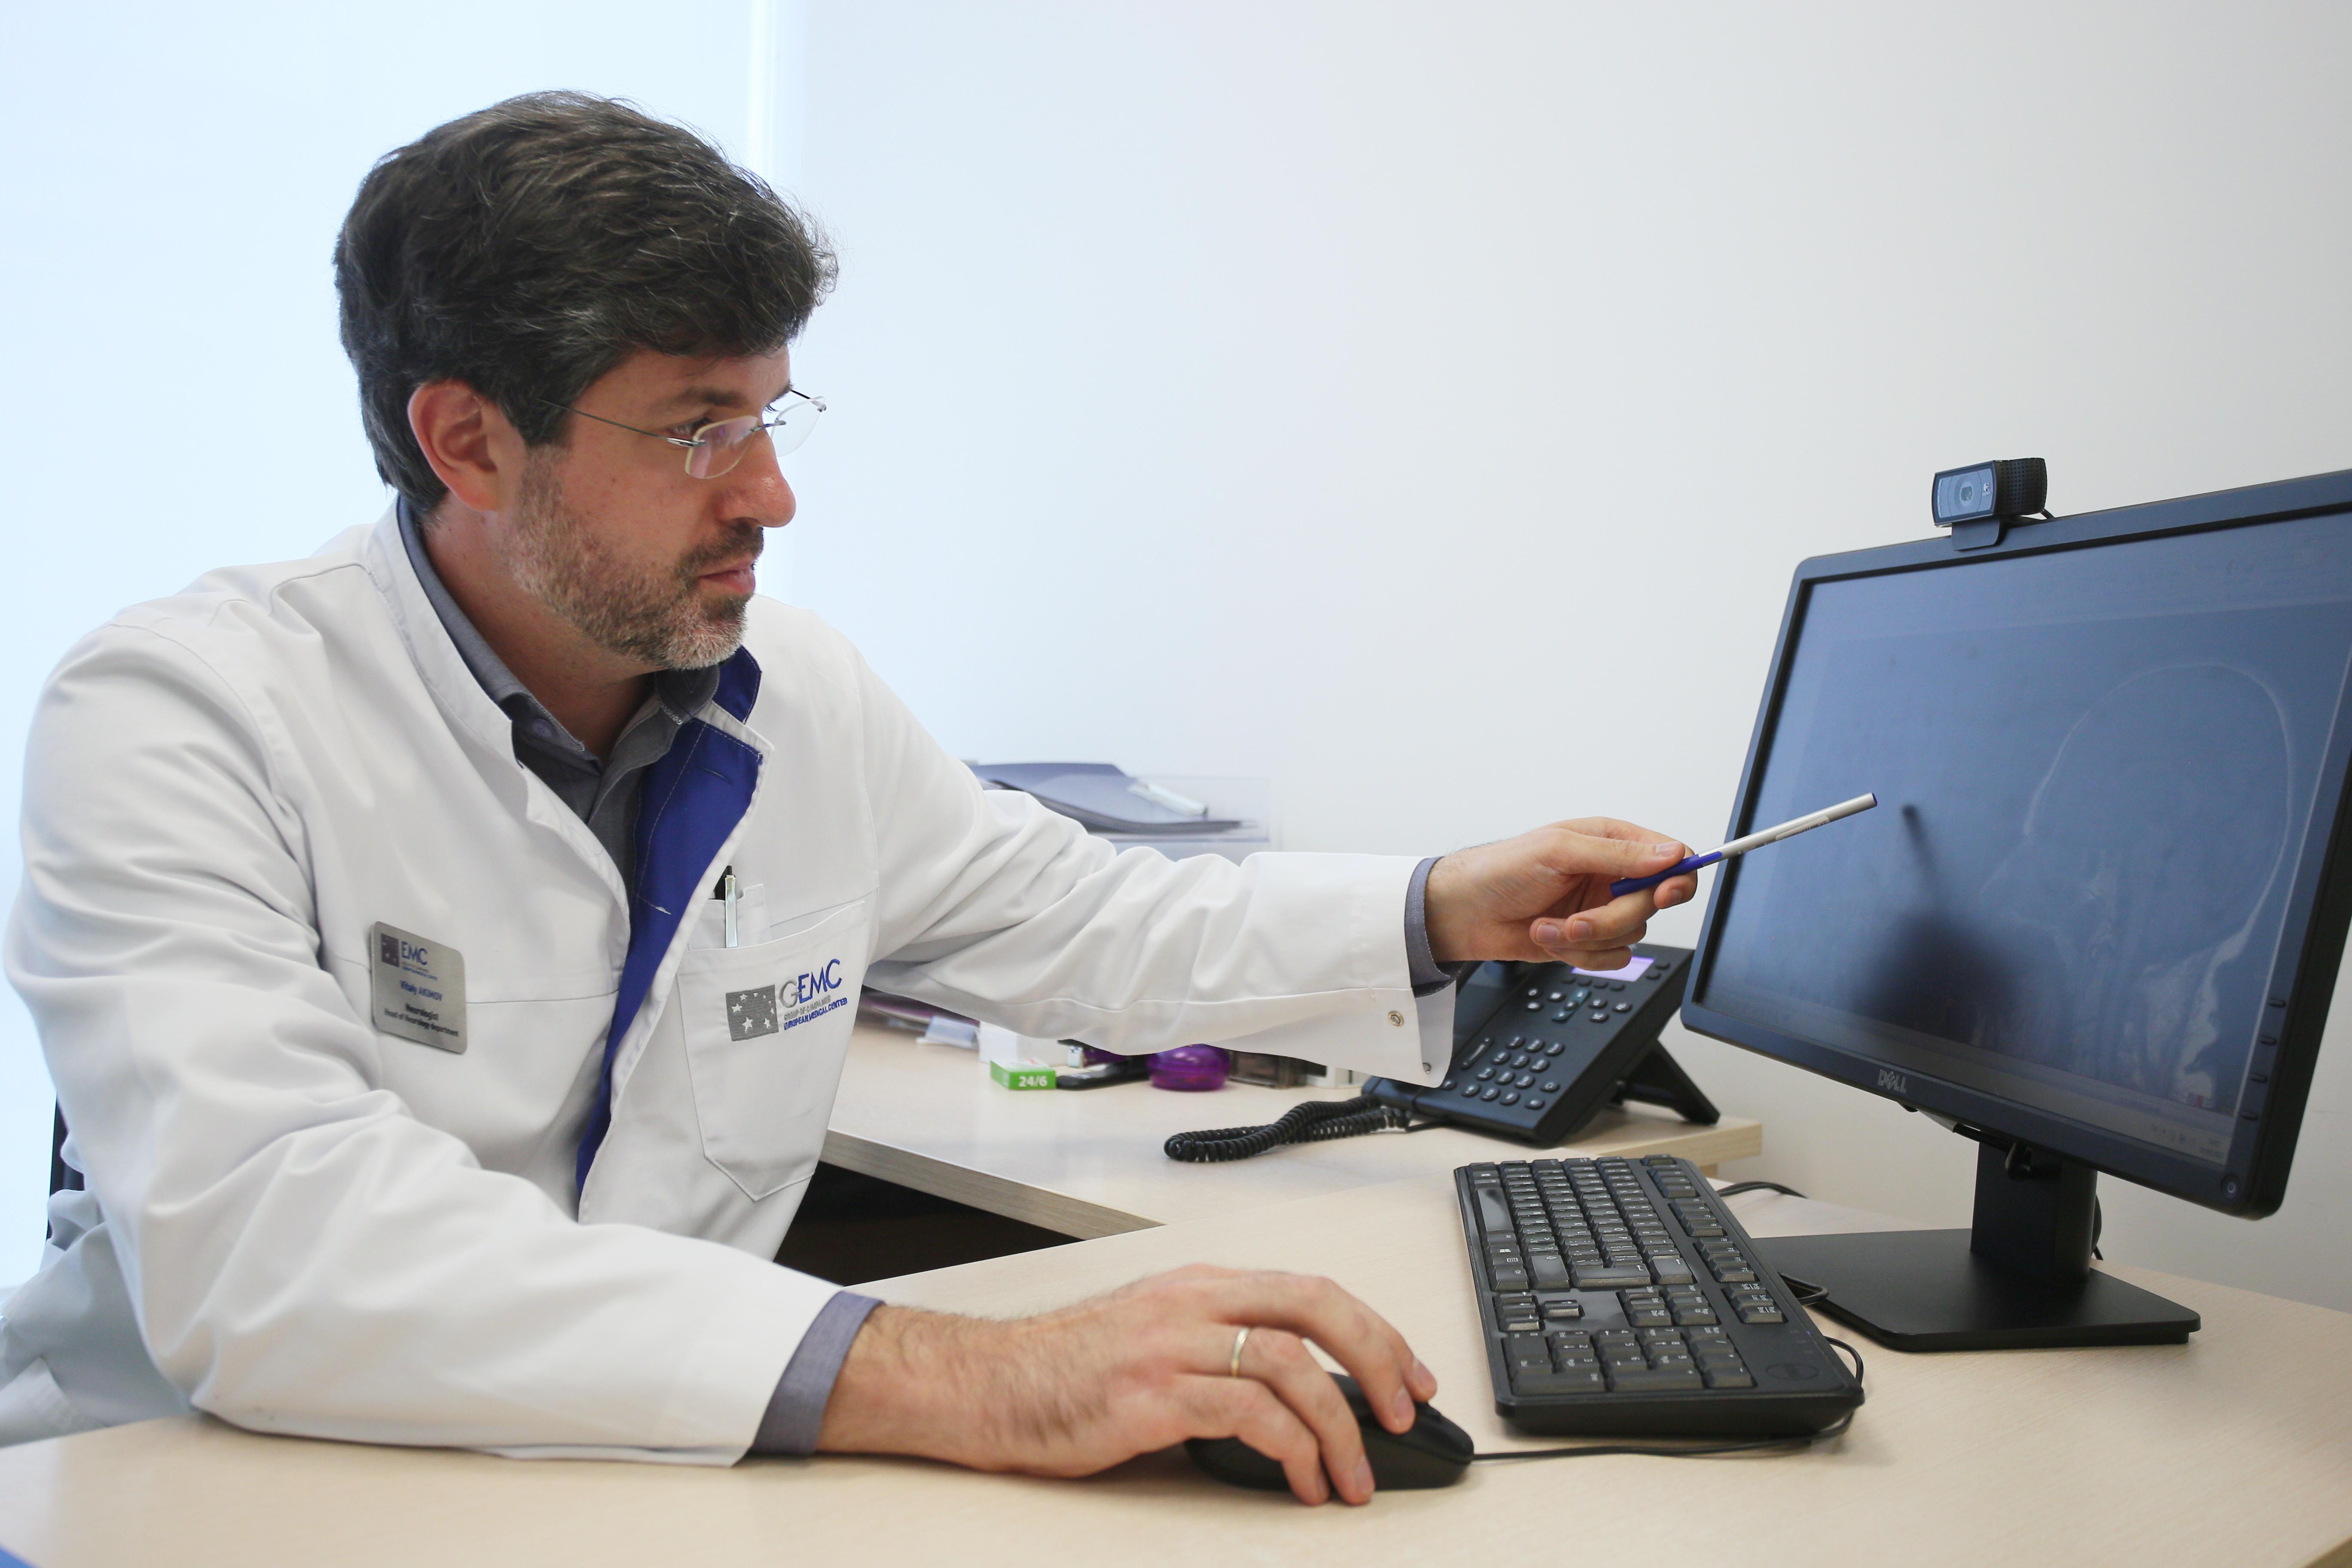 Виталий Акимов, руководитель отделения неврологии Европейского медицинского центра (EMC)